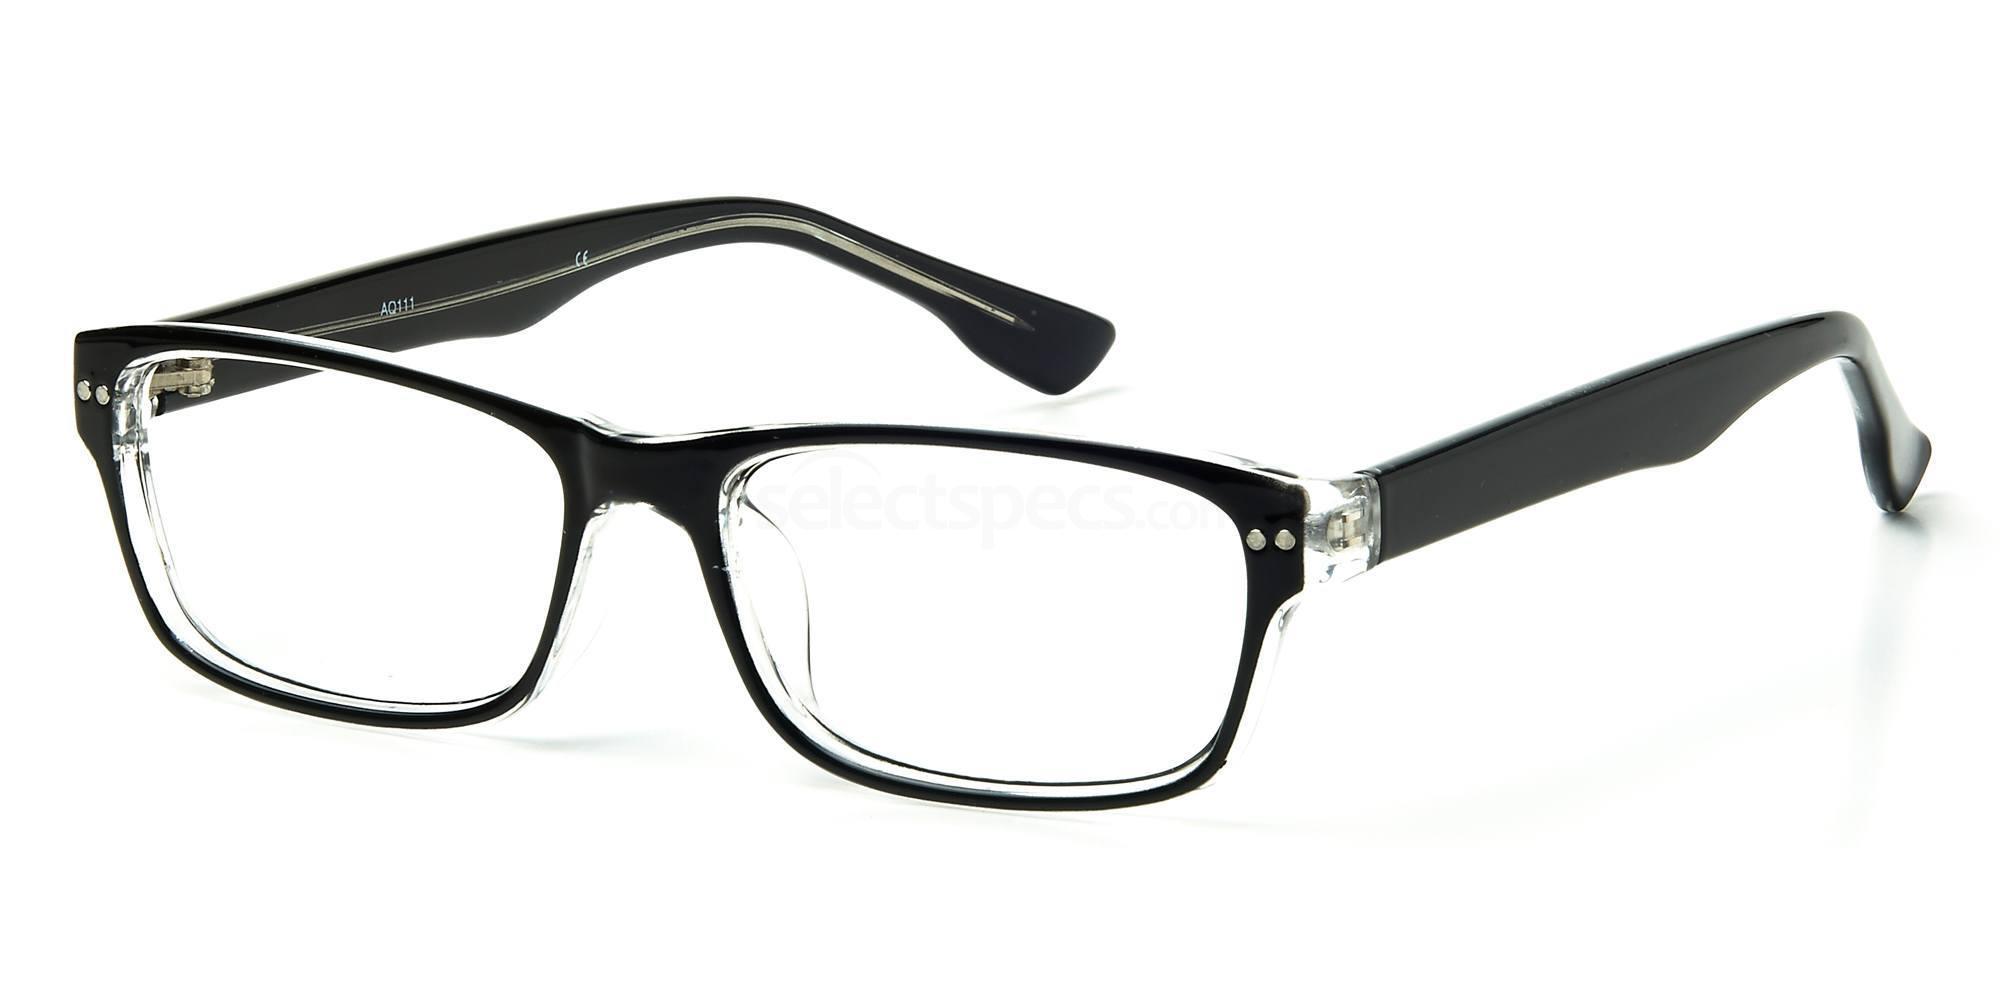 C1 AQ111 Glasses, Aquarius